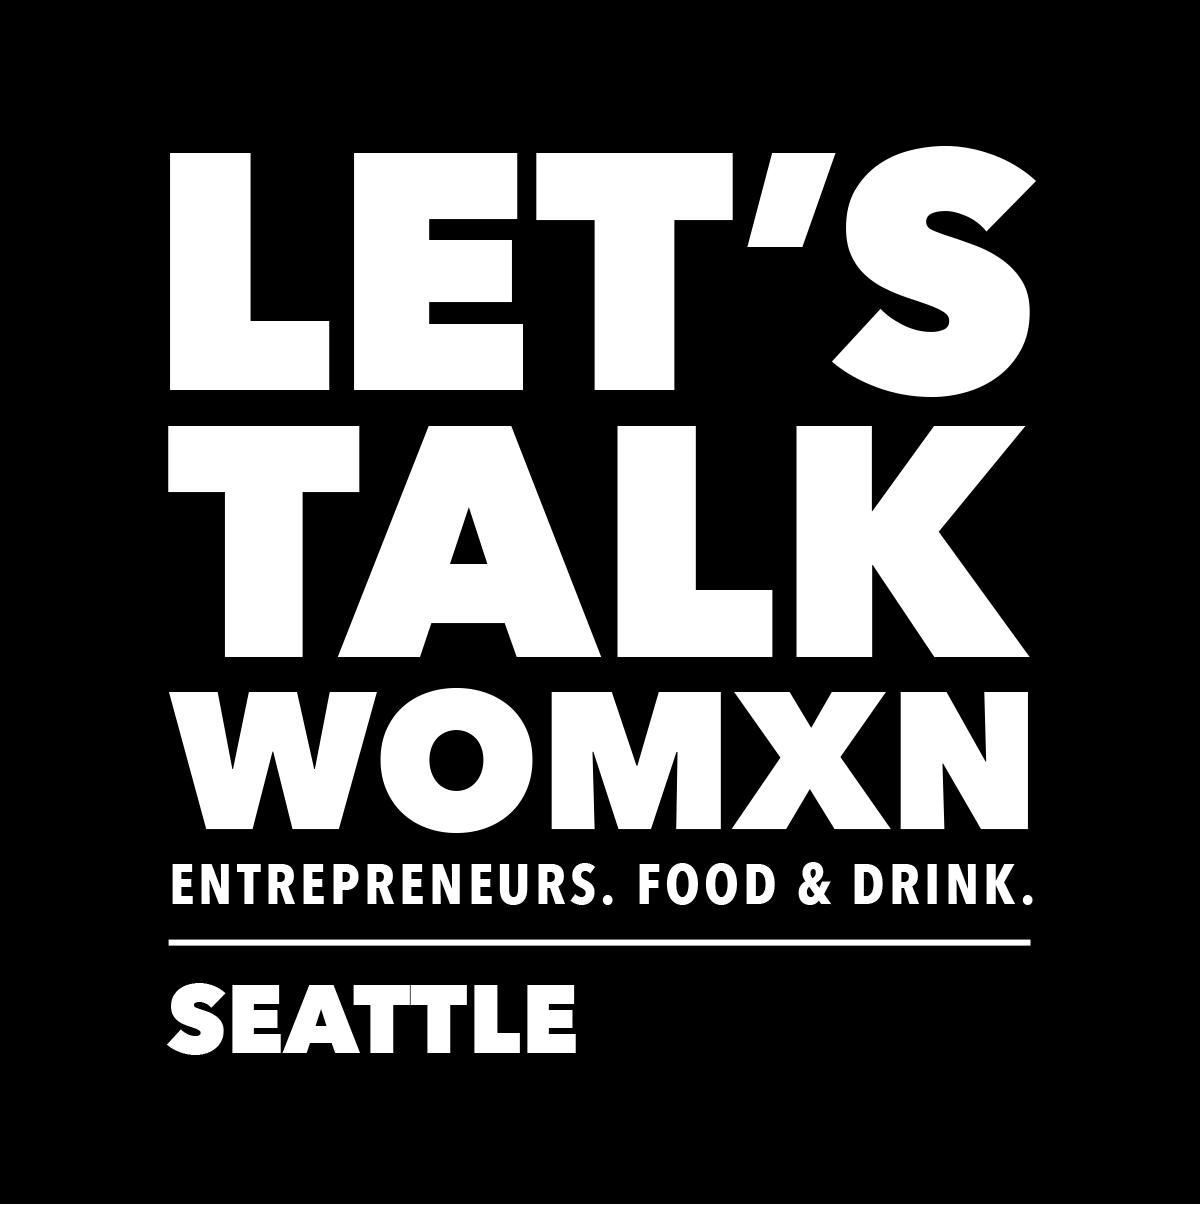 Let's Talk Womxn - Seattle